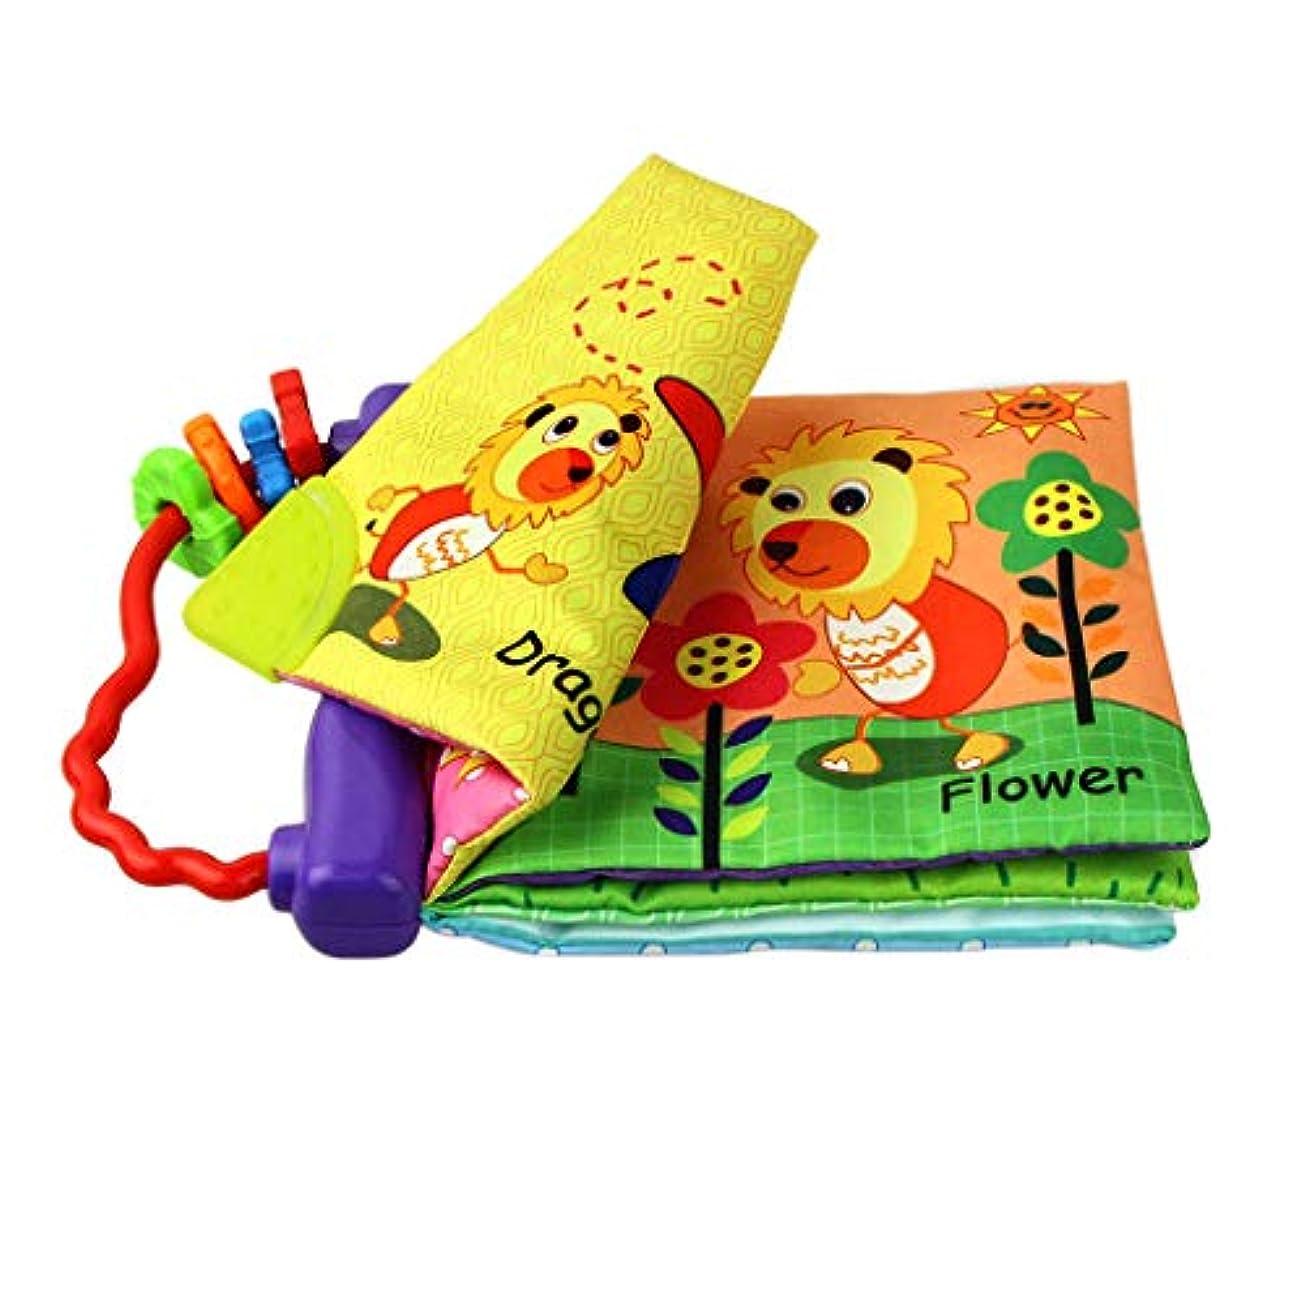 ピック投票反発布絵本 知育絵本 日常 物品 英語 形状 認識 学習玩具 想像力 手 目 協調 開発 耐久性 洗える